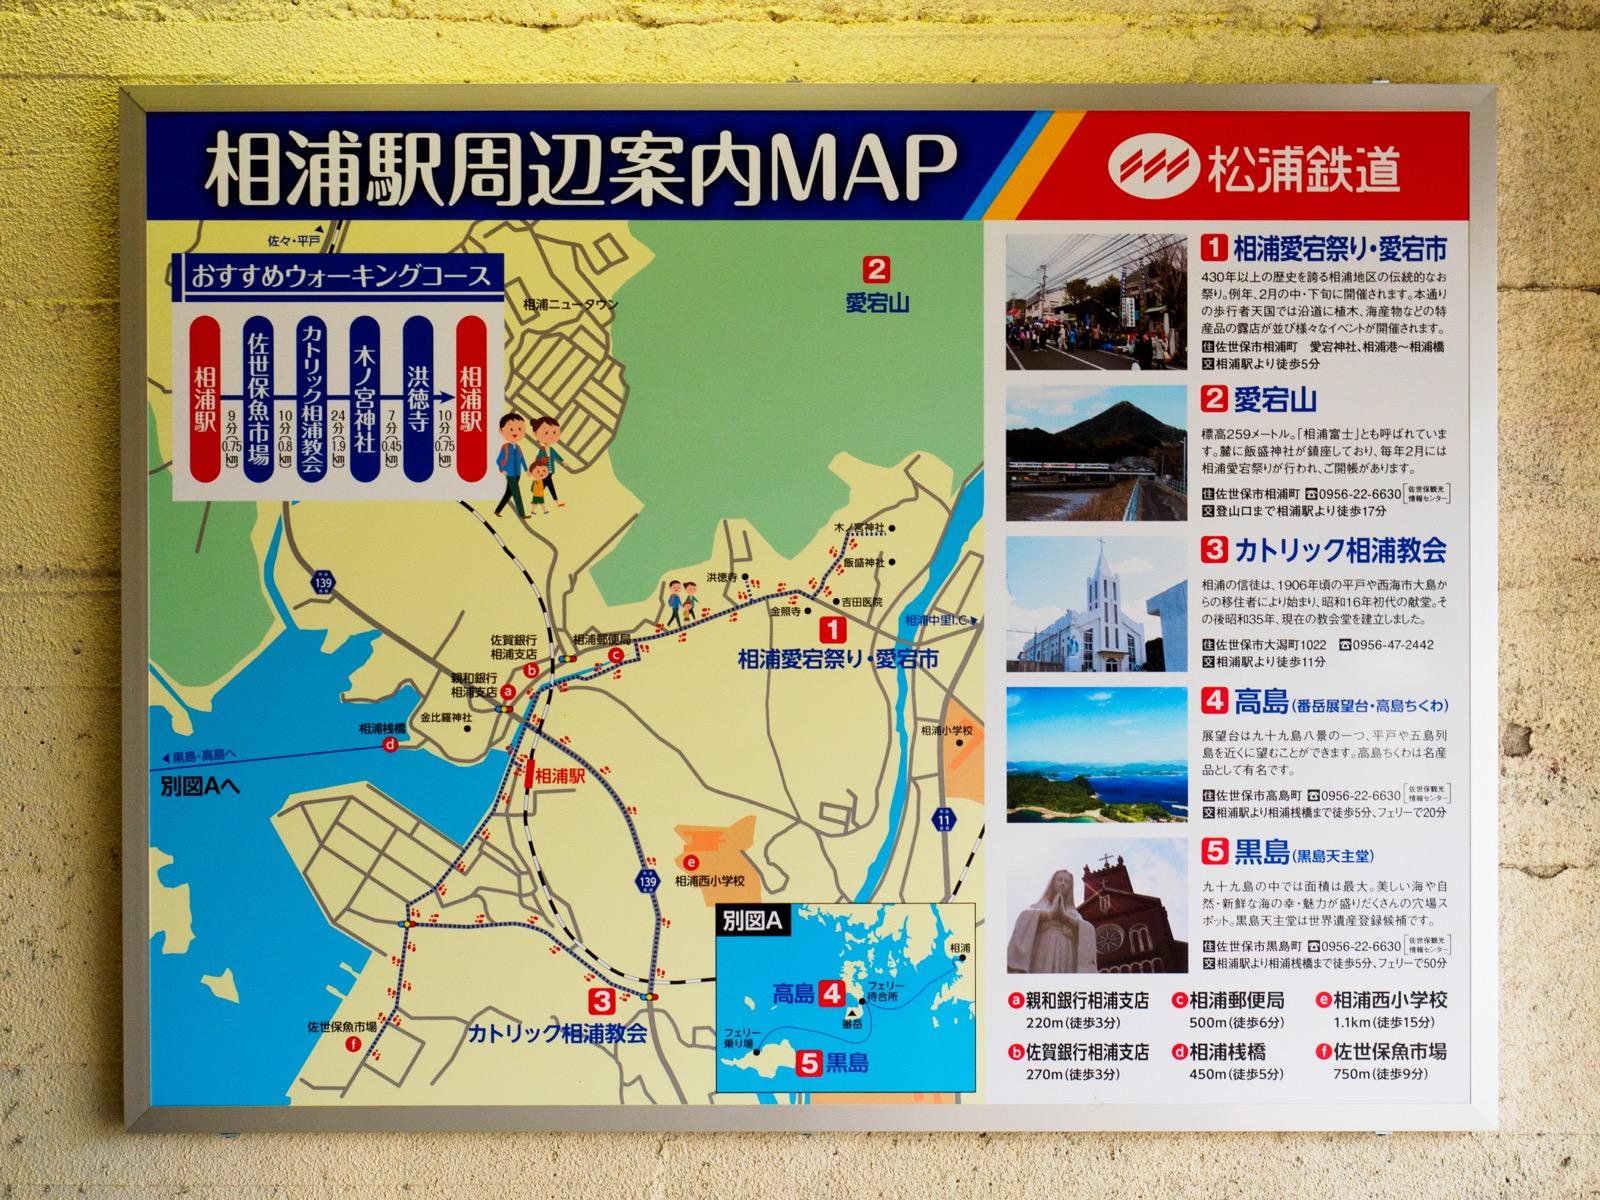 相浦駅にある「相浦駅周辺案内MAP」